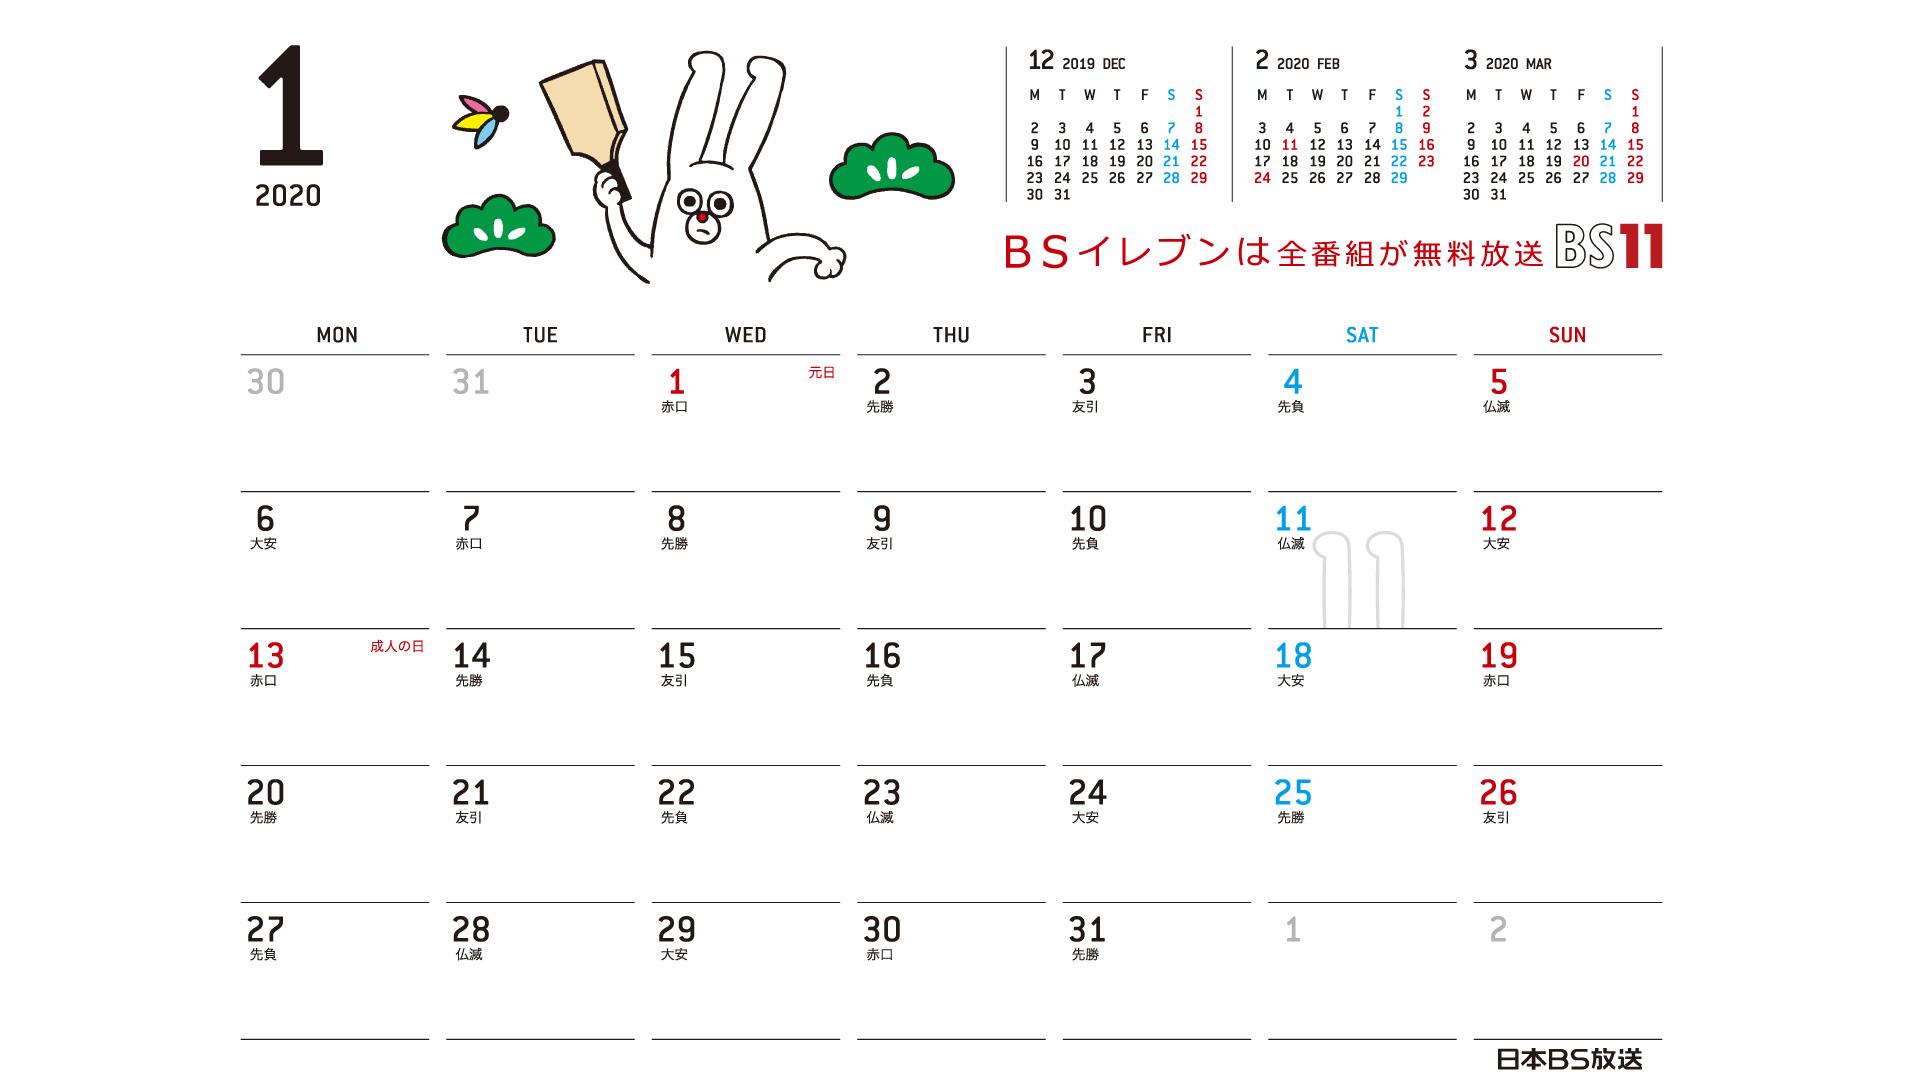 じゅういっちゃんのデジタルカレンダー 2020年1月 | BS11